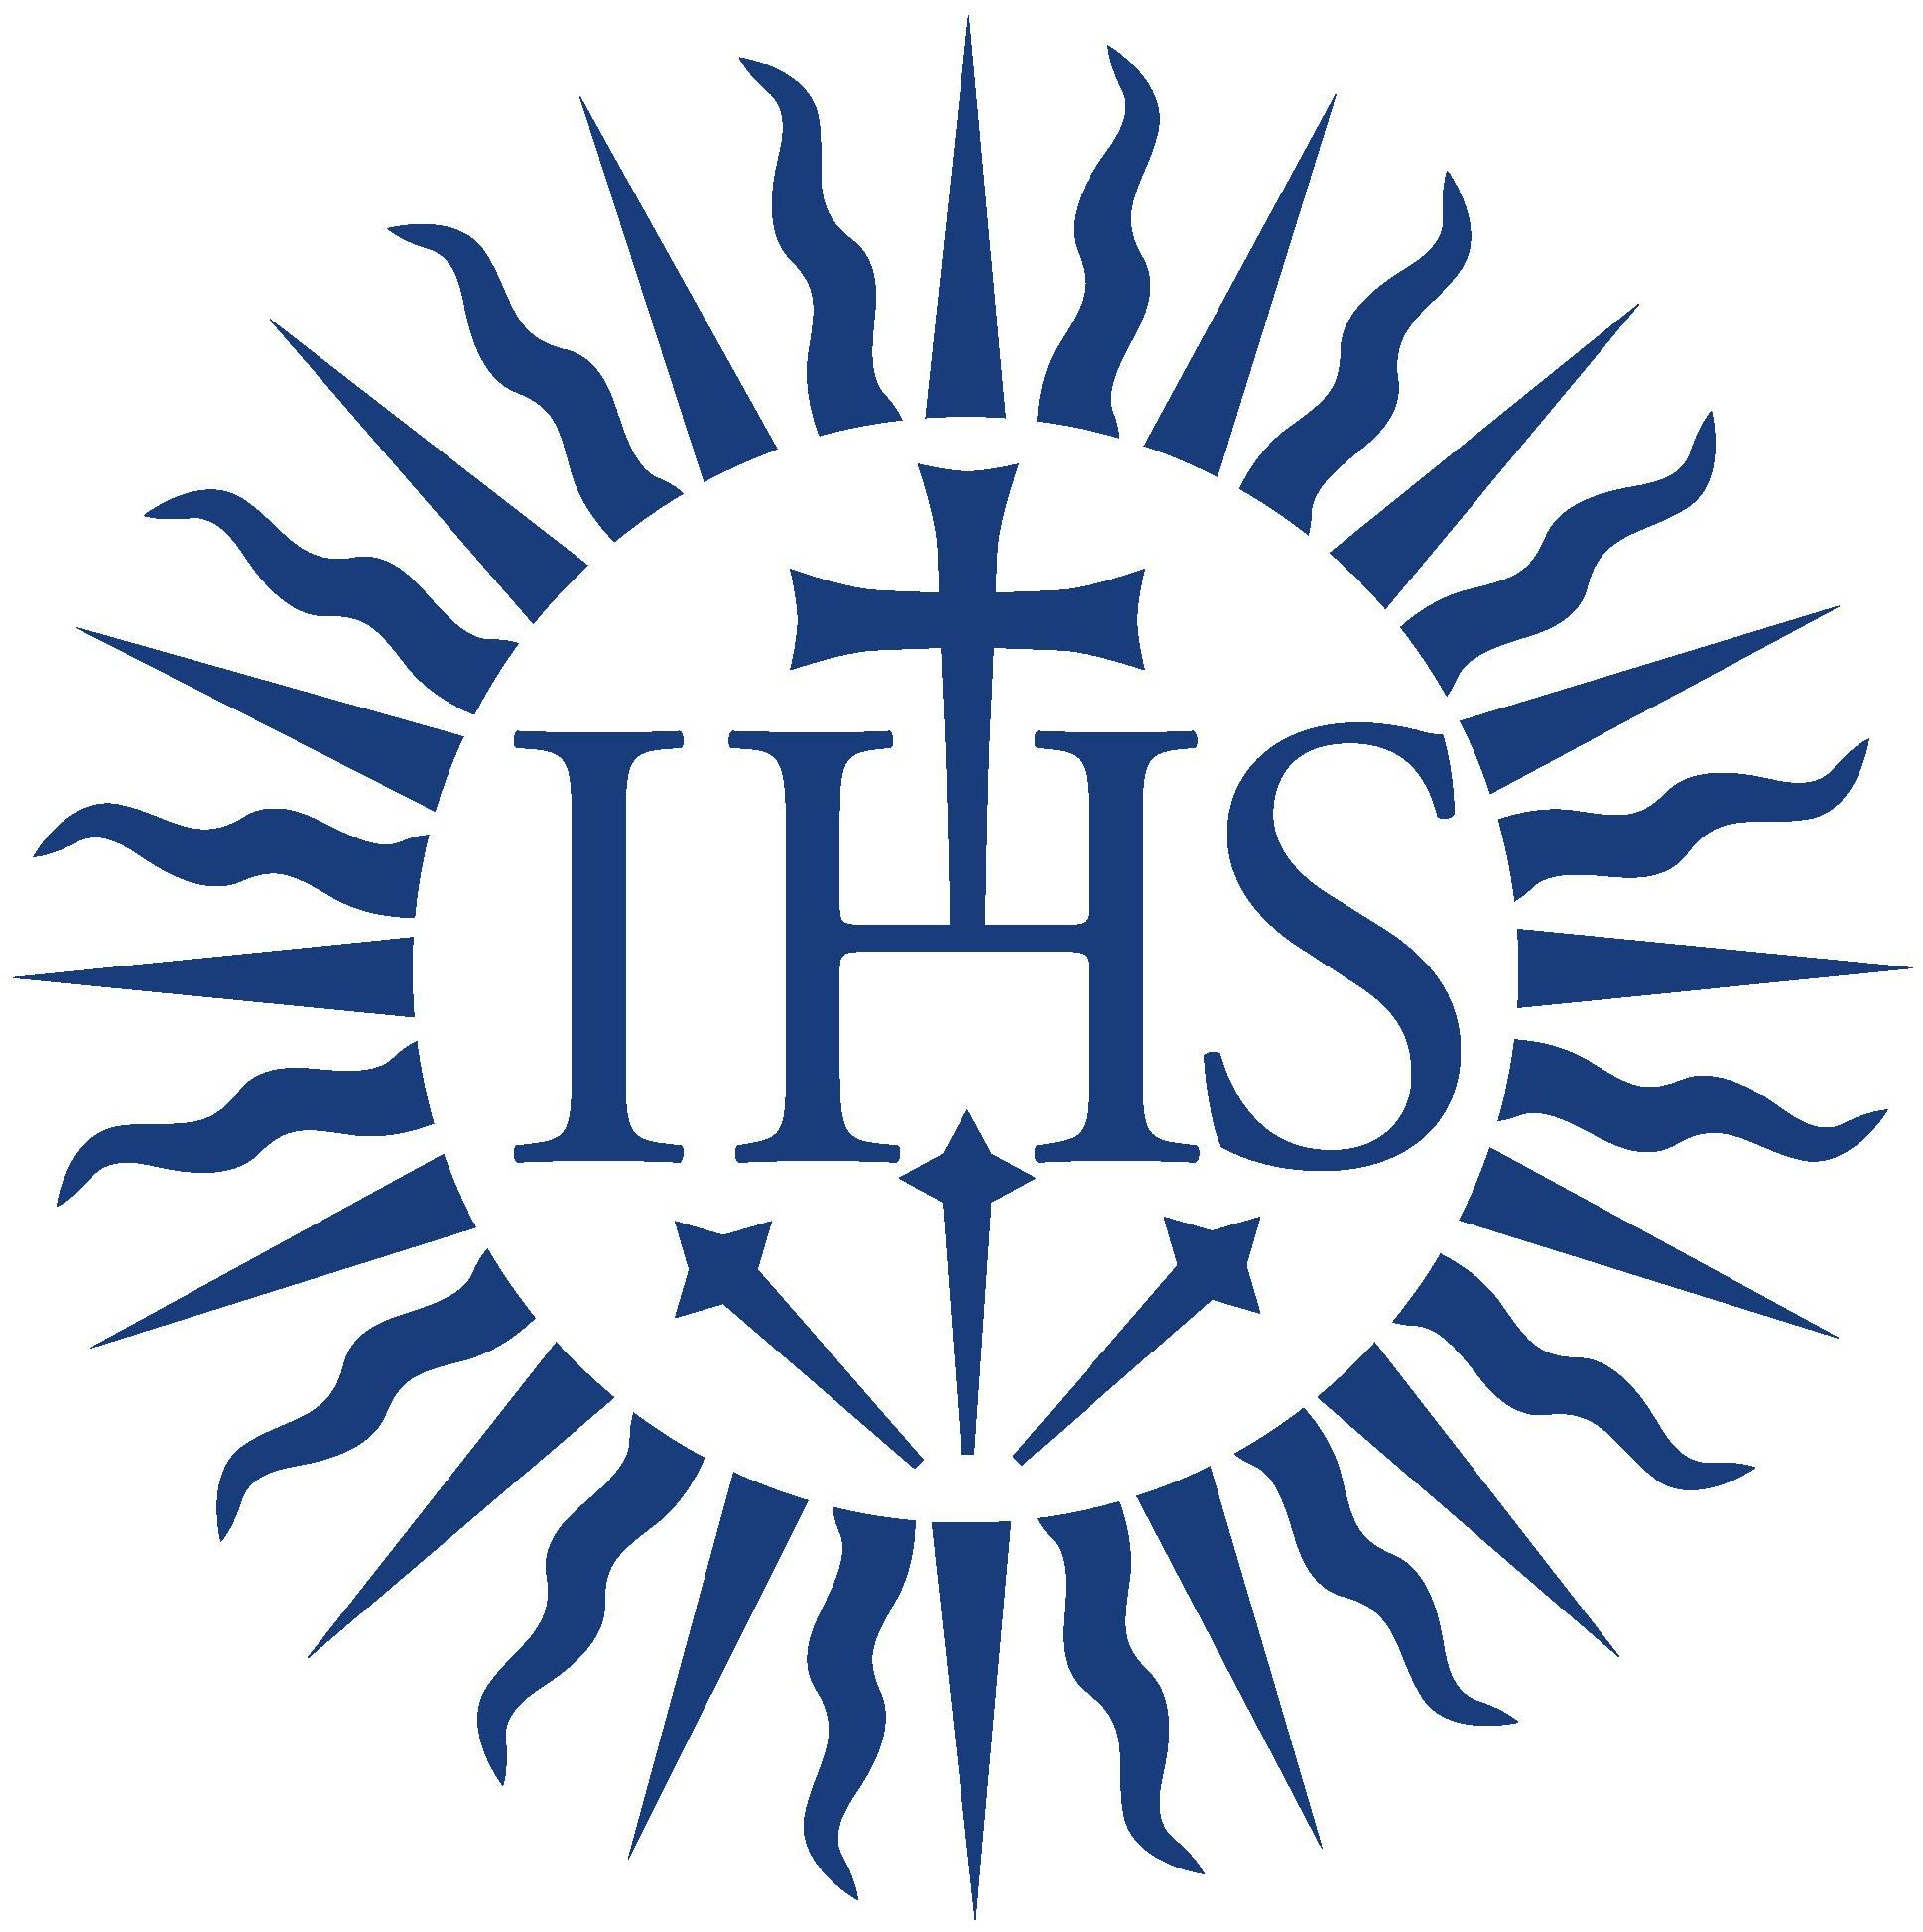 Jesuits Emblem Societas Iesu Jesuits Pinterest